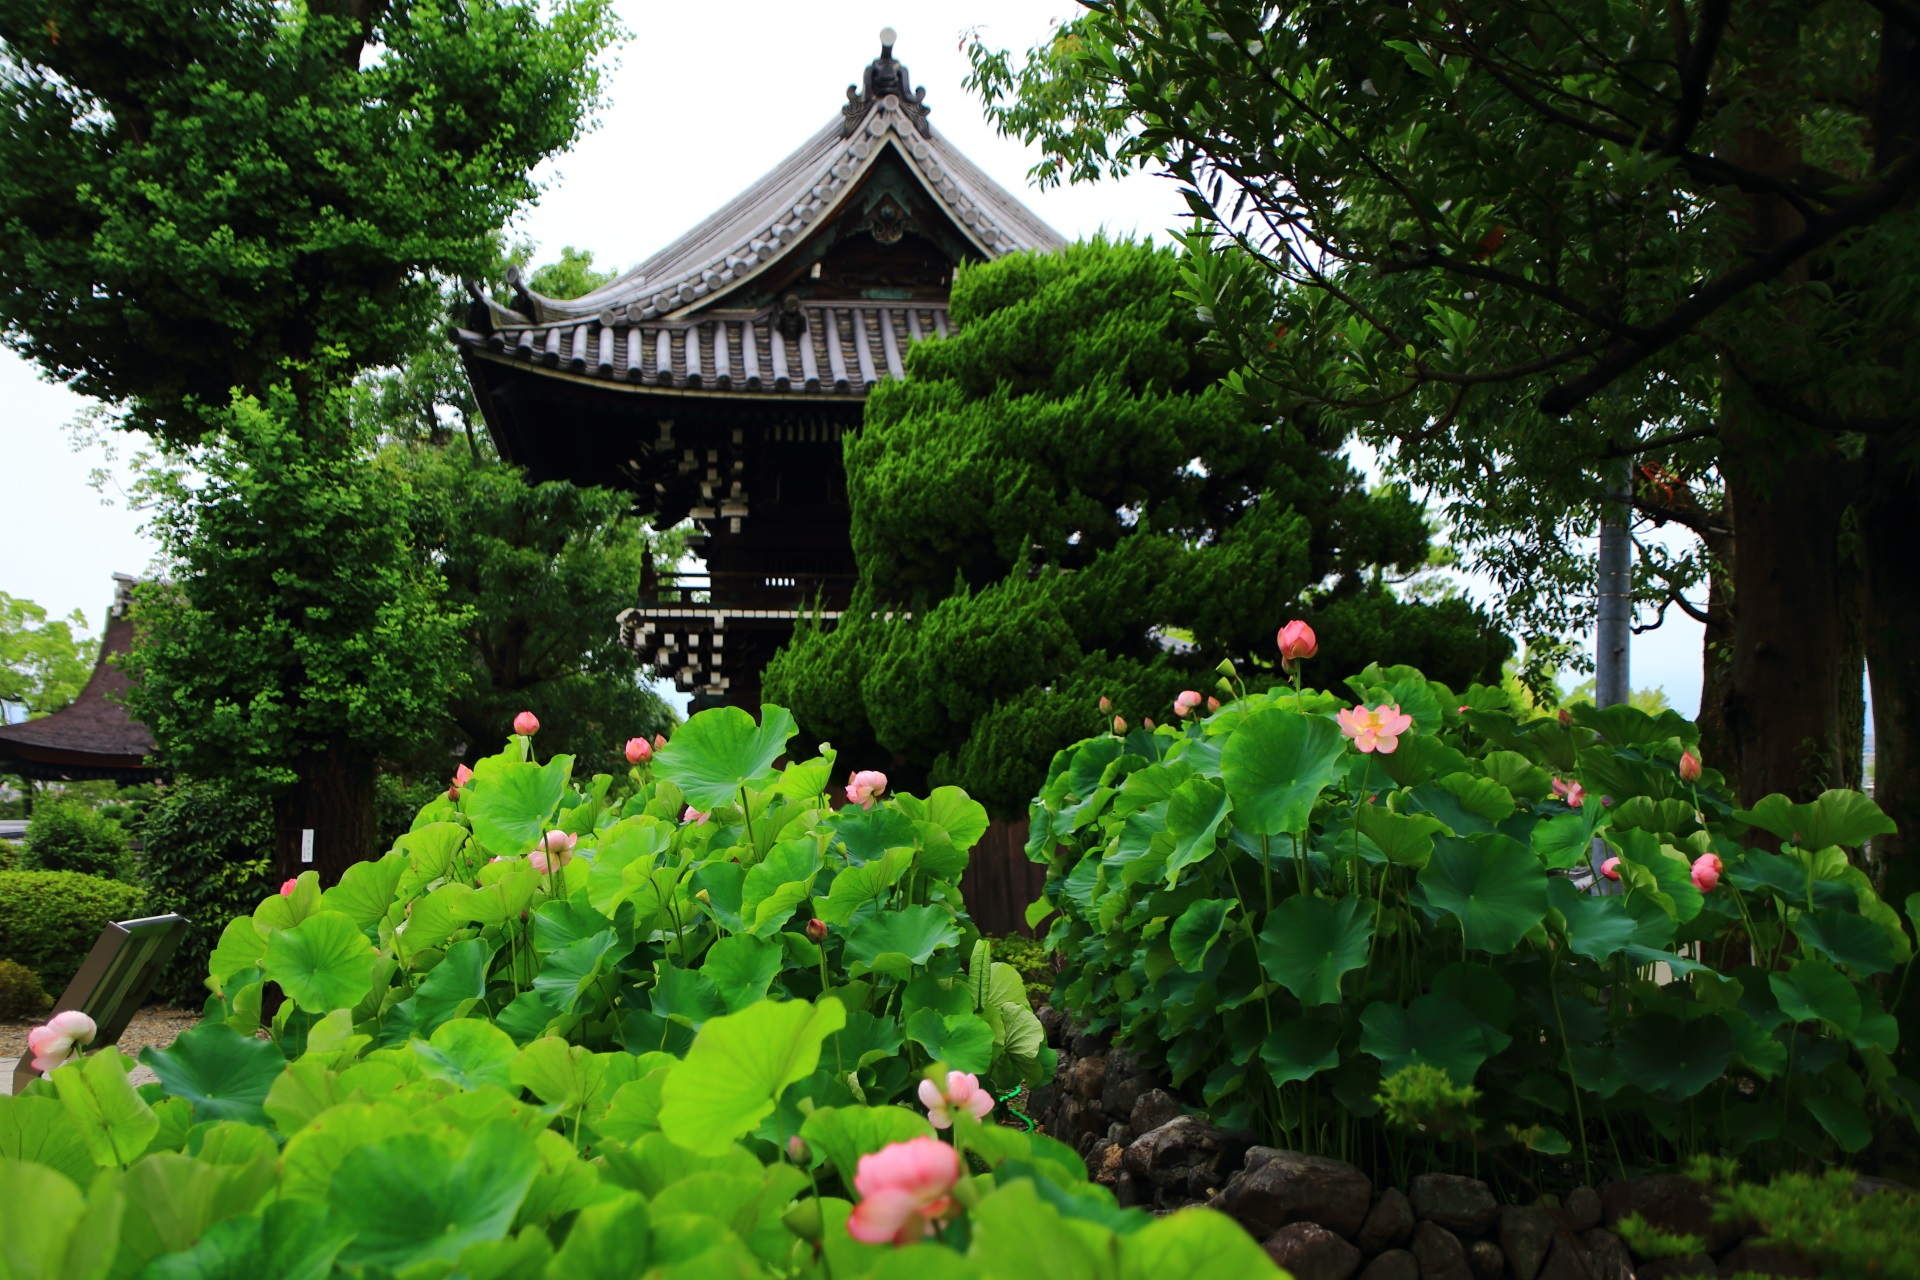 鐘楼と少し開花が進む古代の蓮